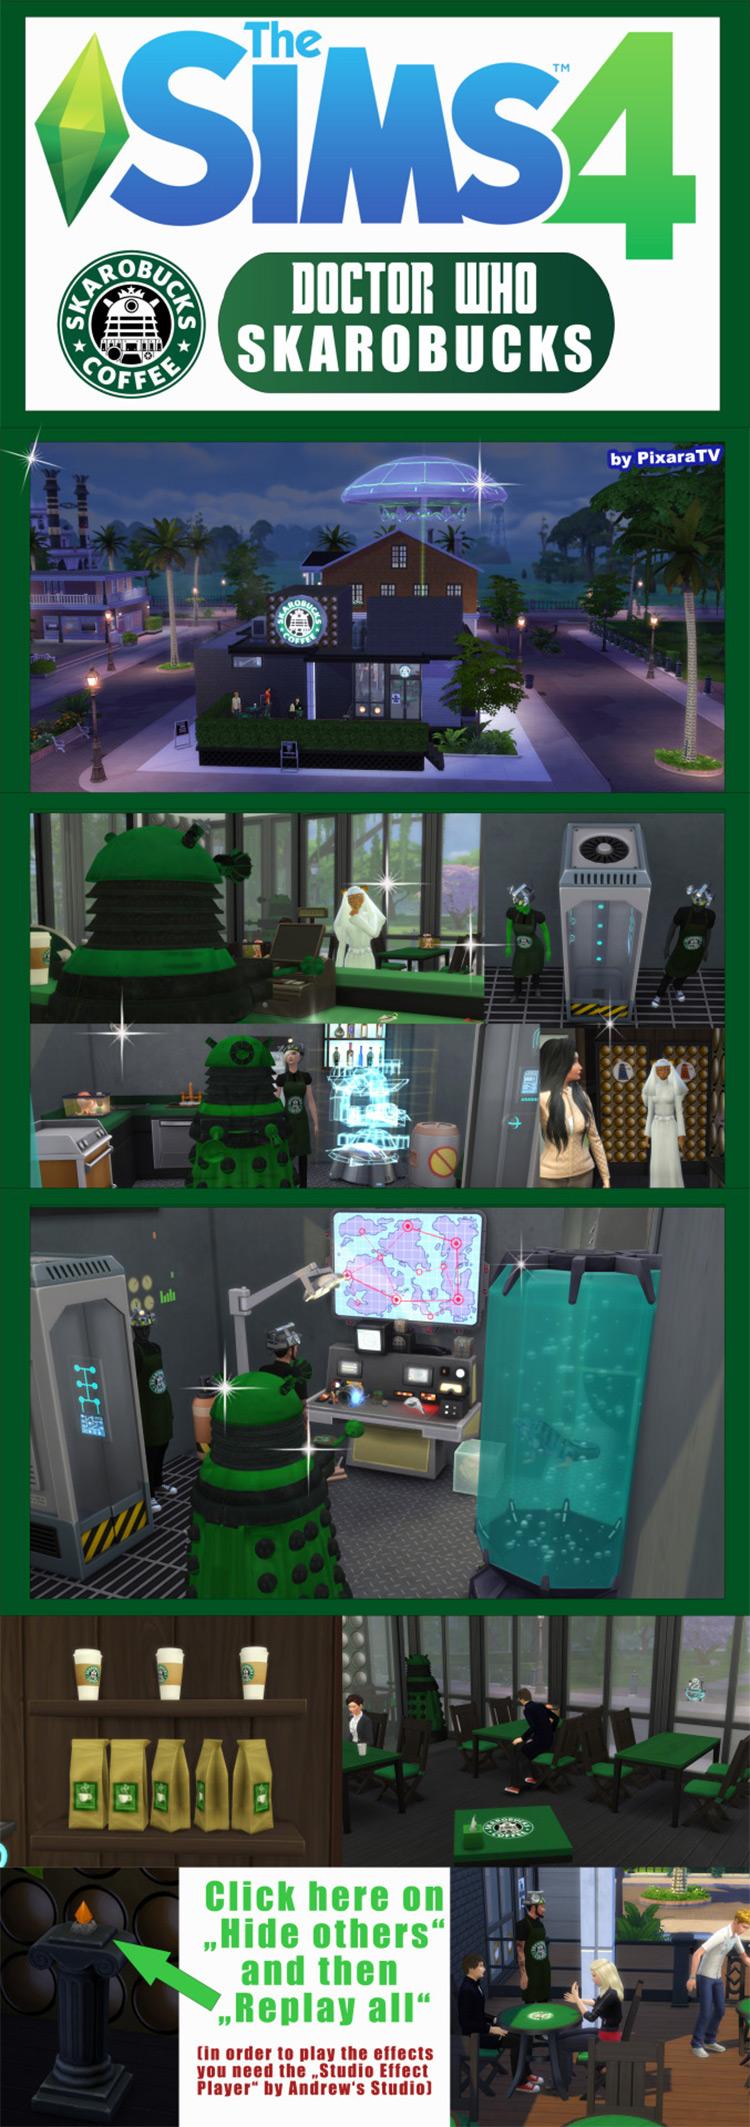 'Skarobucks' Stuff and Lot by Pixara TS4 CC